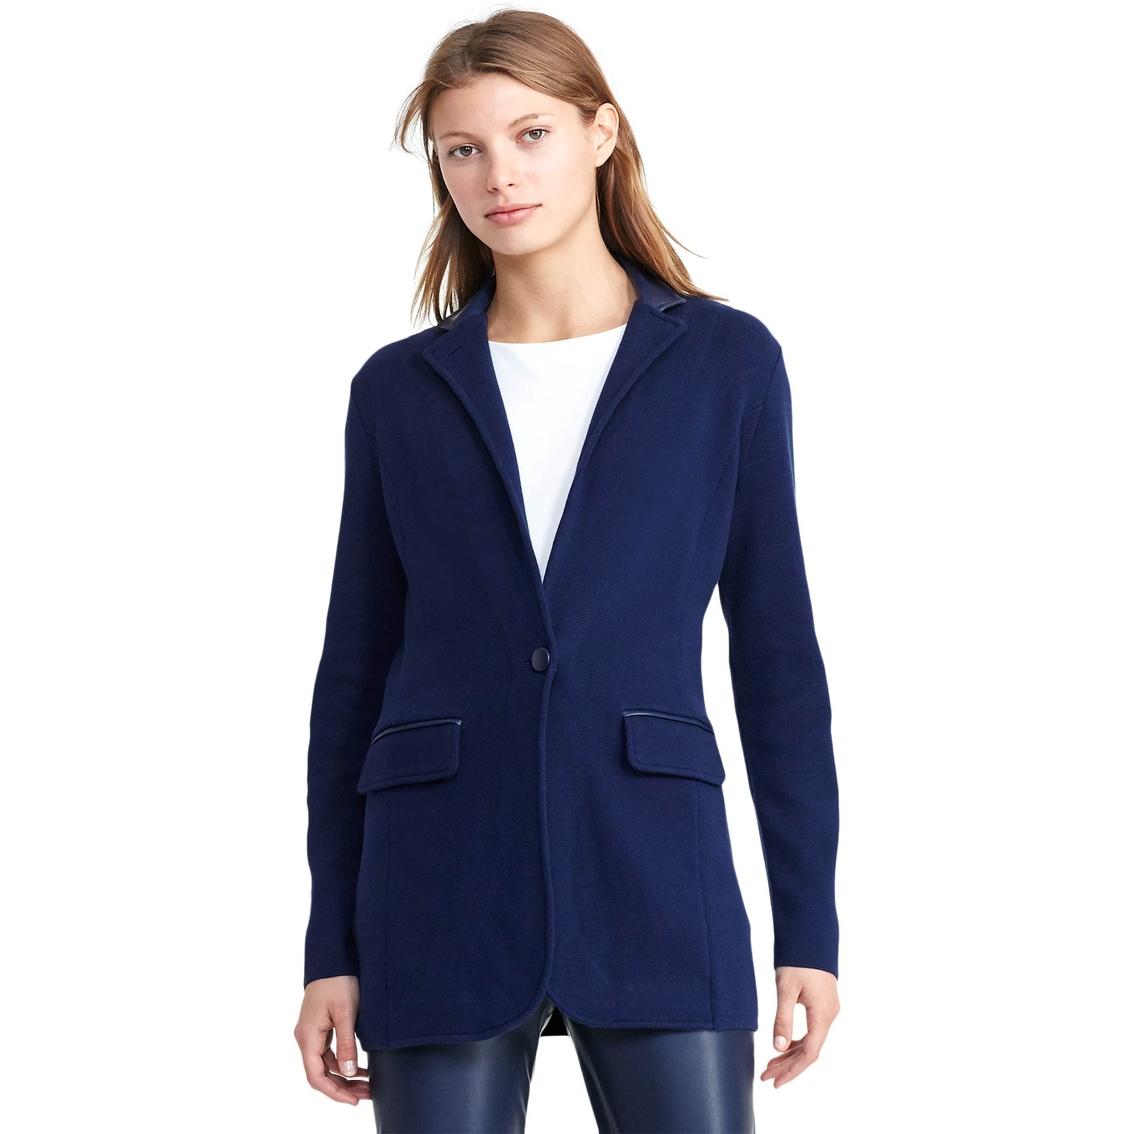 f5517df40 Lauren Ralph Lauren Aldorsha Single Button Sweater Jacket | Lauren ...